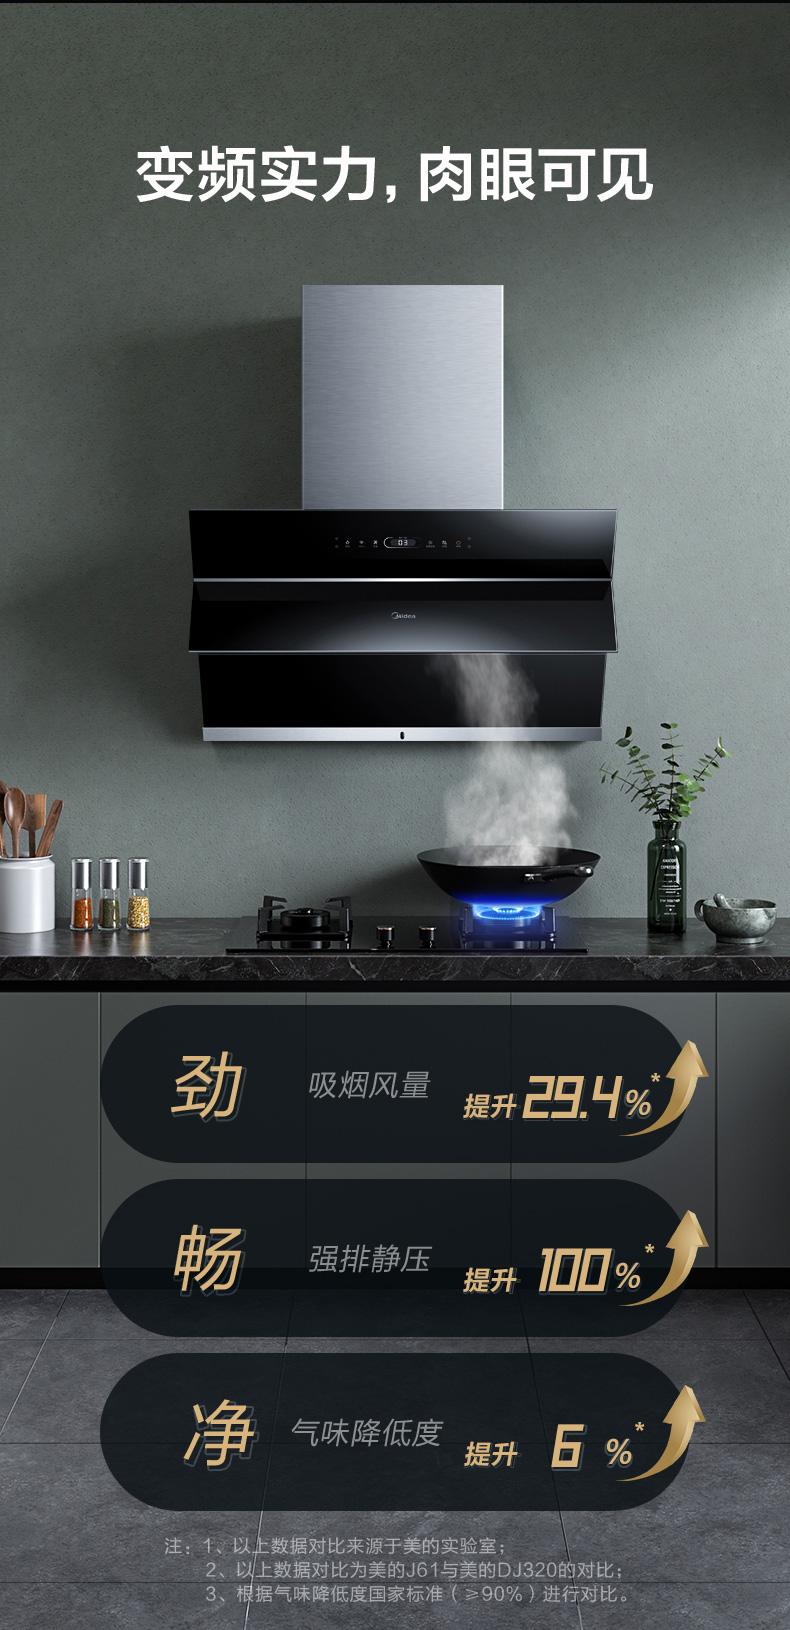 美的(Midea)J61+Q70-T 油烟机 侧吸抽油烟机 烟灶套装  智能家电 家用吸油烟机 燃气灶 (天然气)